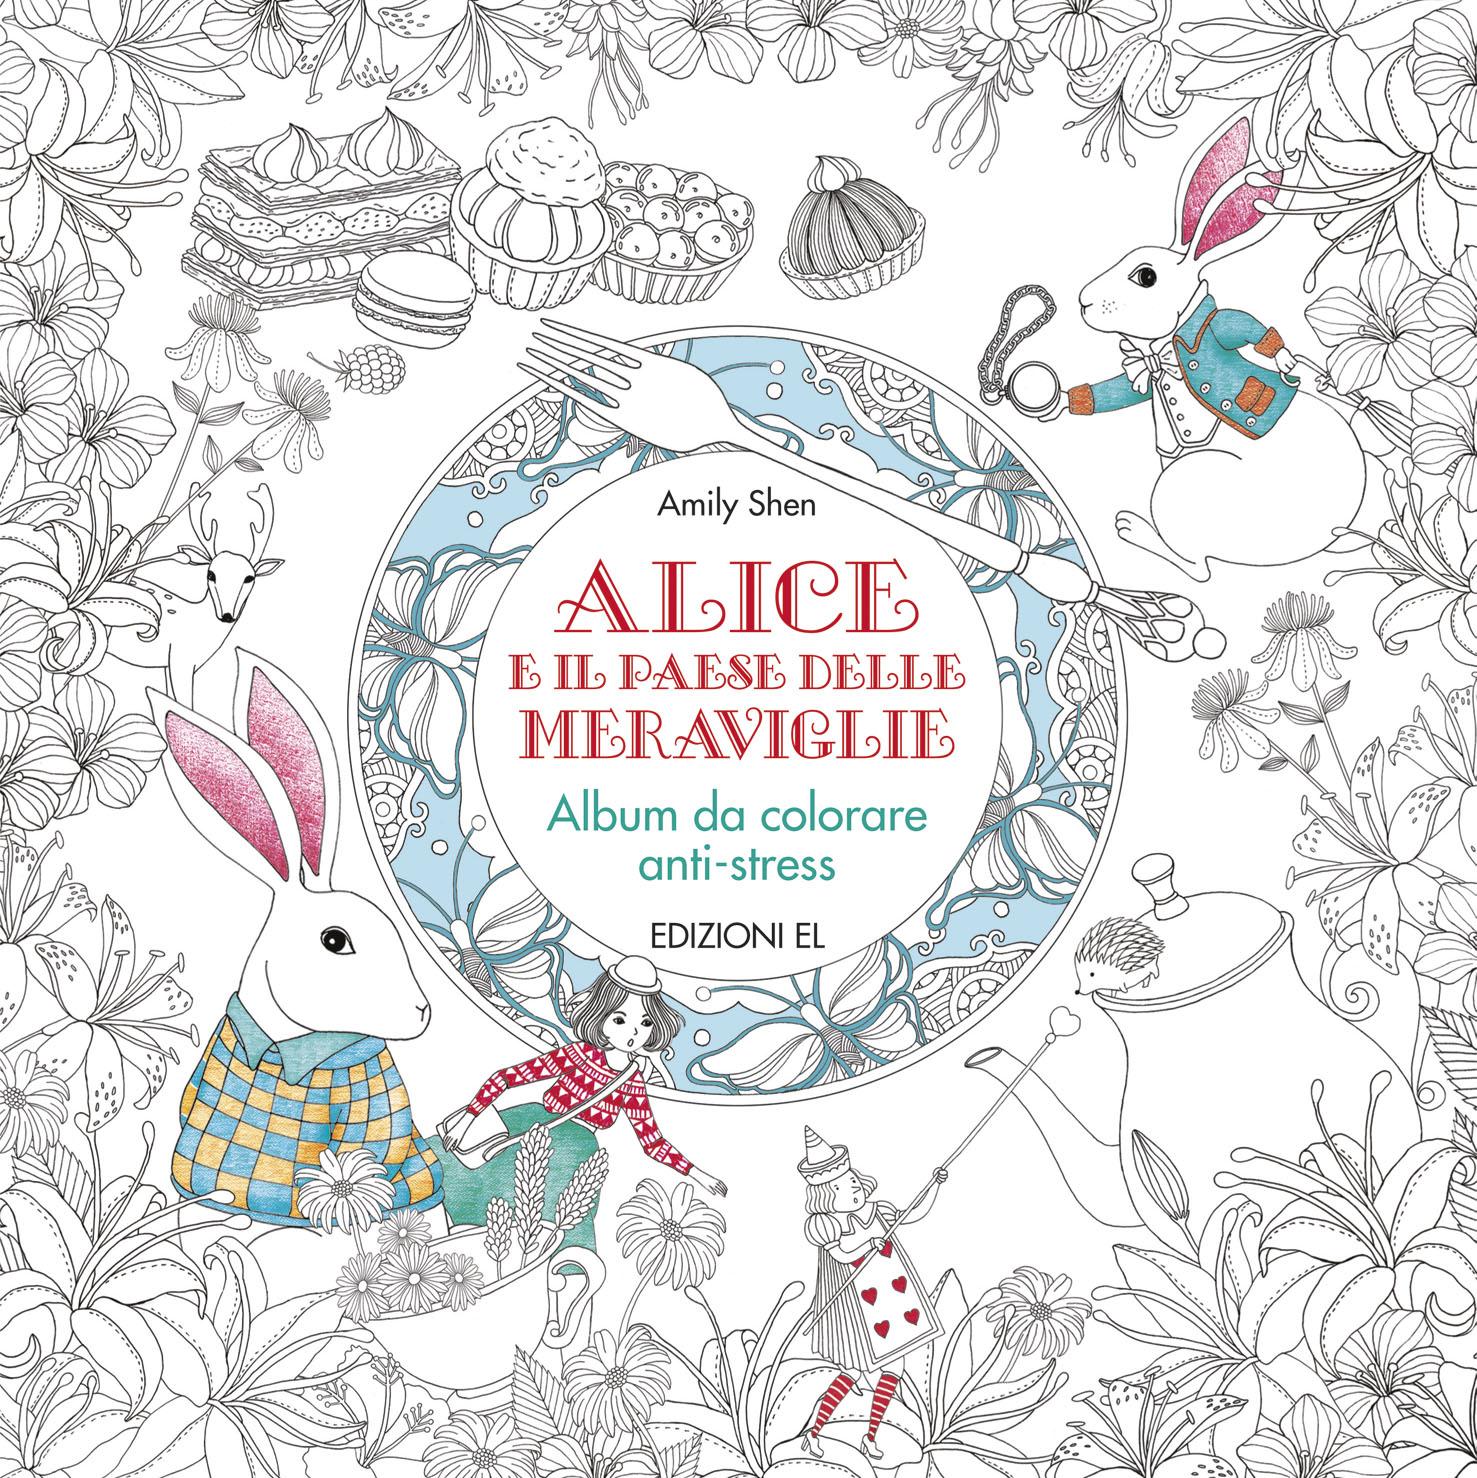 Alice E Il Paese Delle Meraviglie Album Da Colorare Edizioni El